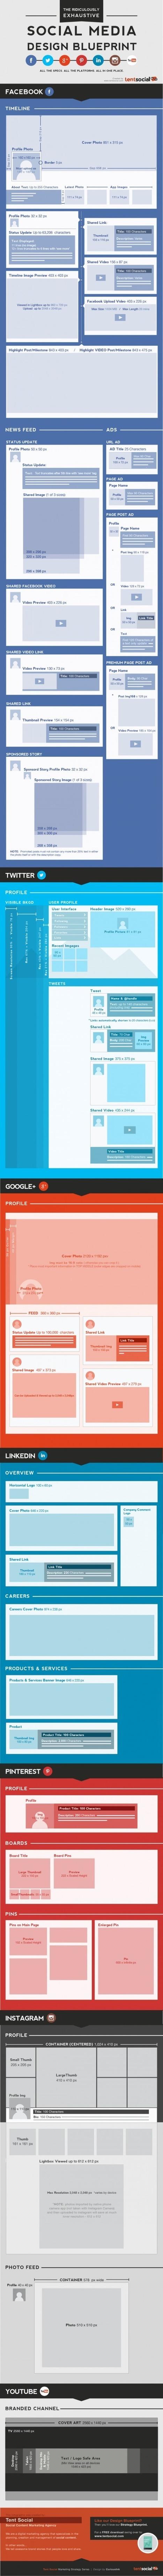 Guide Complet des Dimensions des Images des Top Réseaux Sociaux [Infographie] - Emarketinglicious | Facebook Pages | Scoop.it